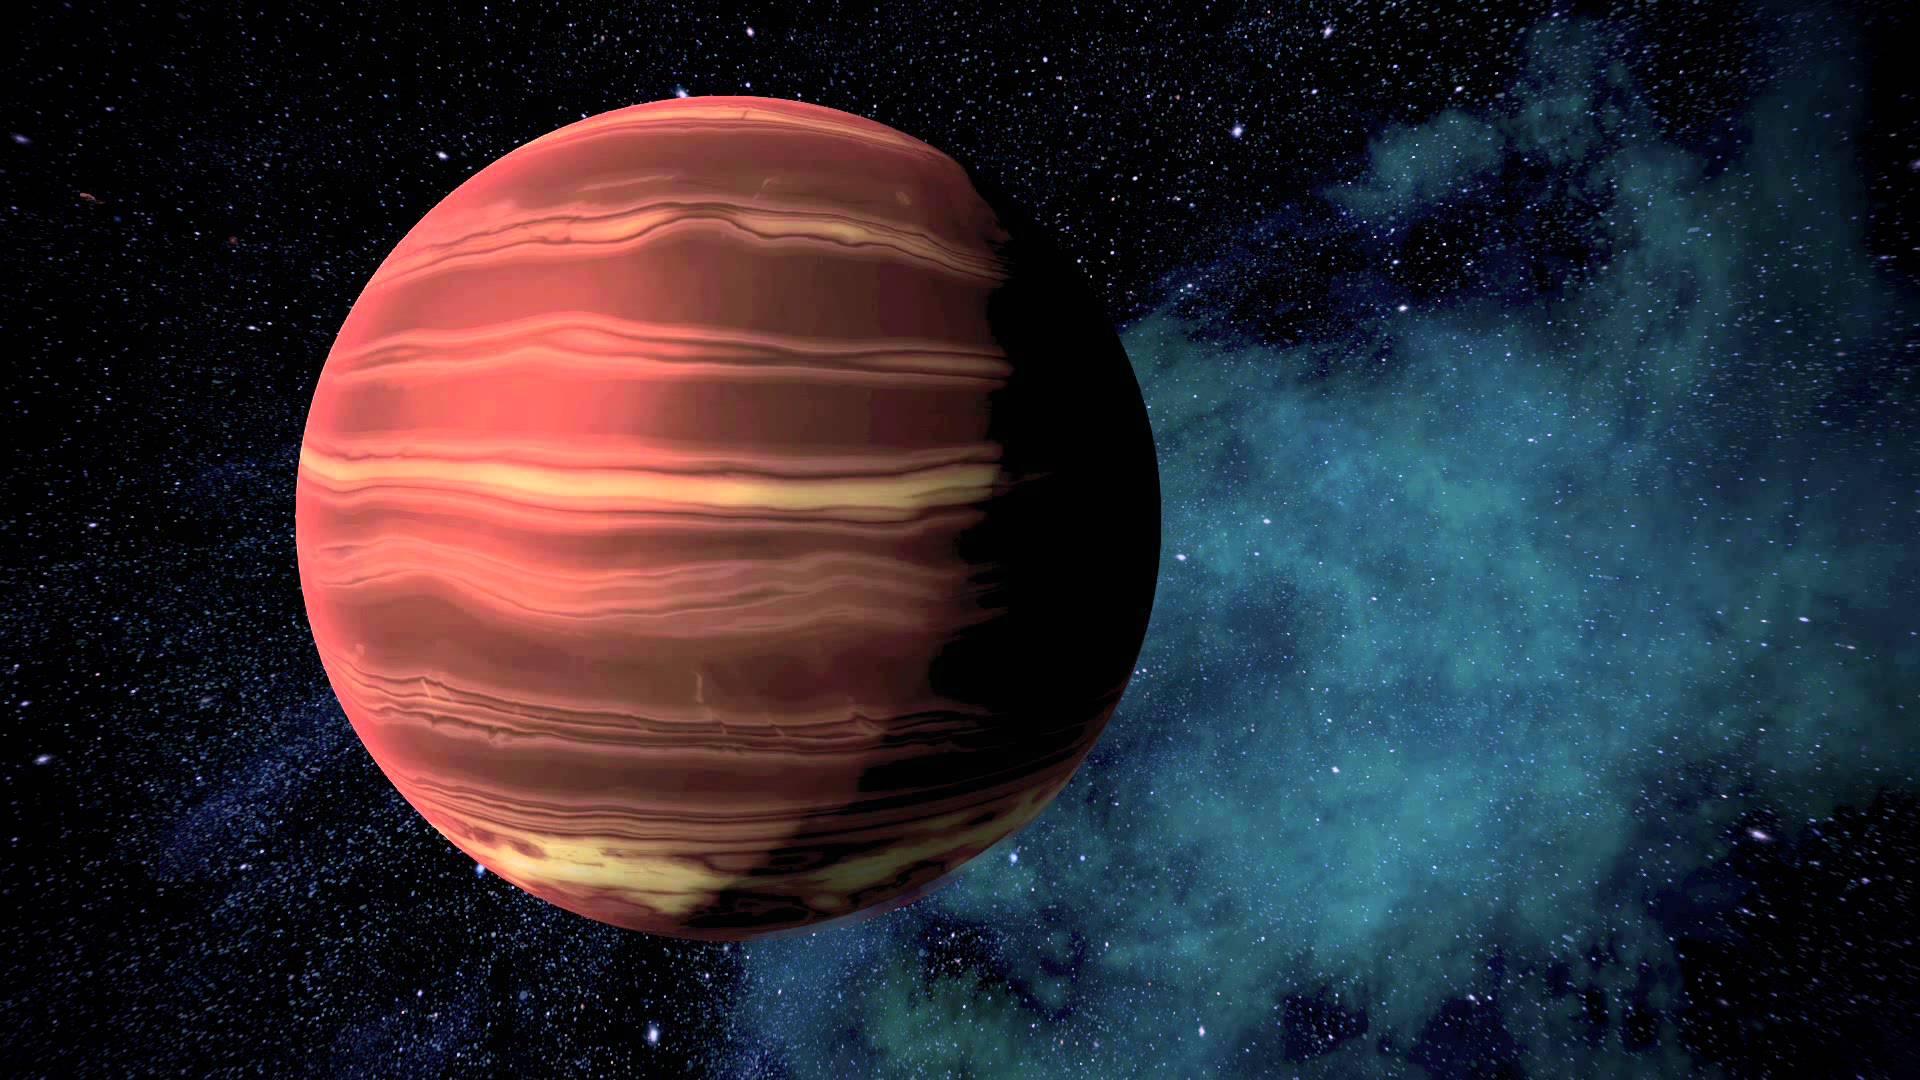 Картинки с изображением планеты юпитер